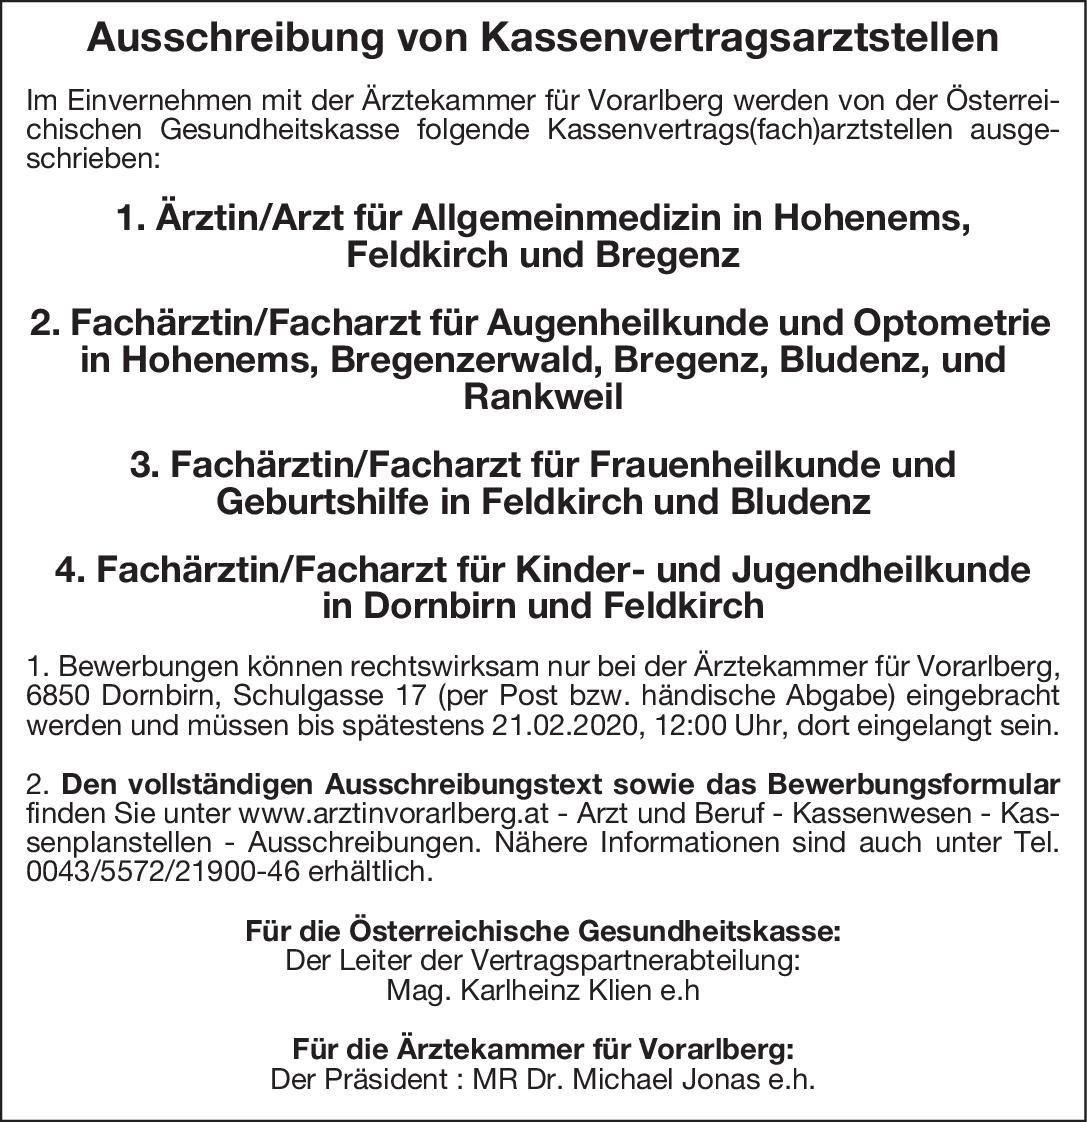 Vorarlberger Gebietskrankenkasse Fachärztin/Facharzt für Frauenheilkunde und Geburtshilfe  Frauenheilkunde und Geburtshilfe, Frauenheilkunde und Geburtshilfe Arzt / Facharzt